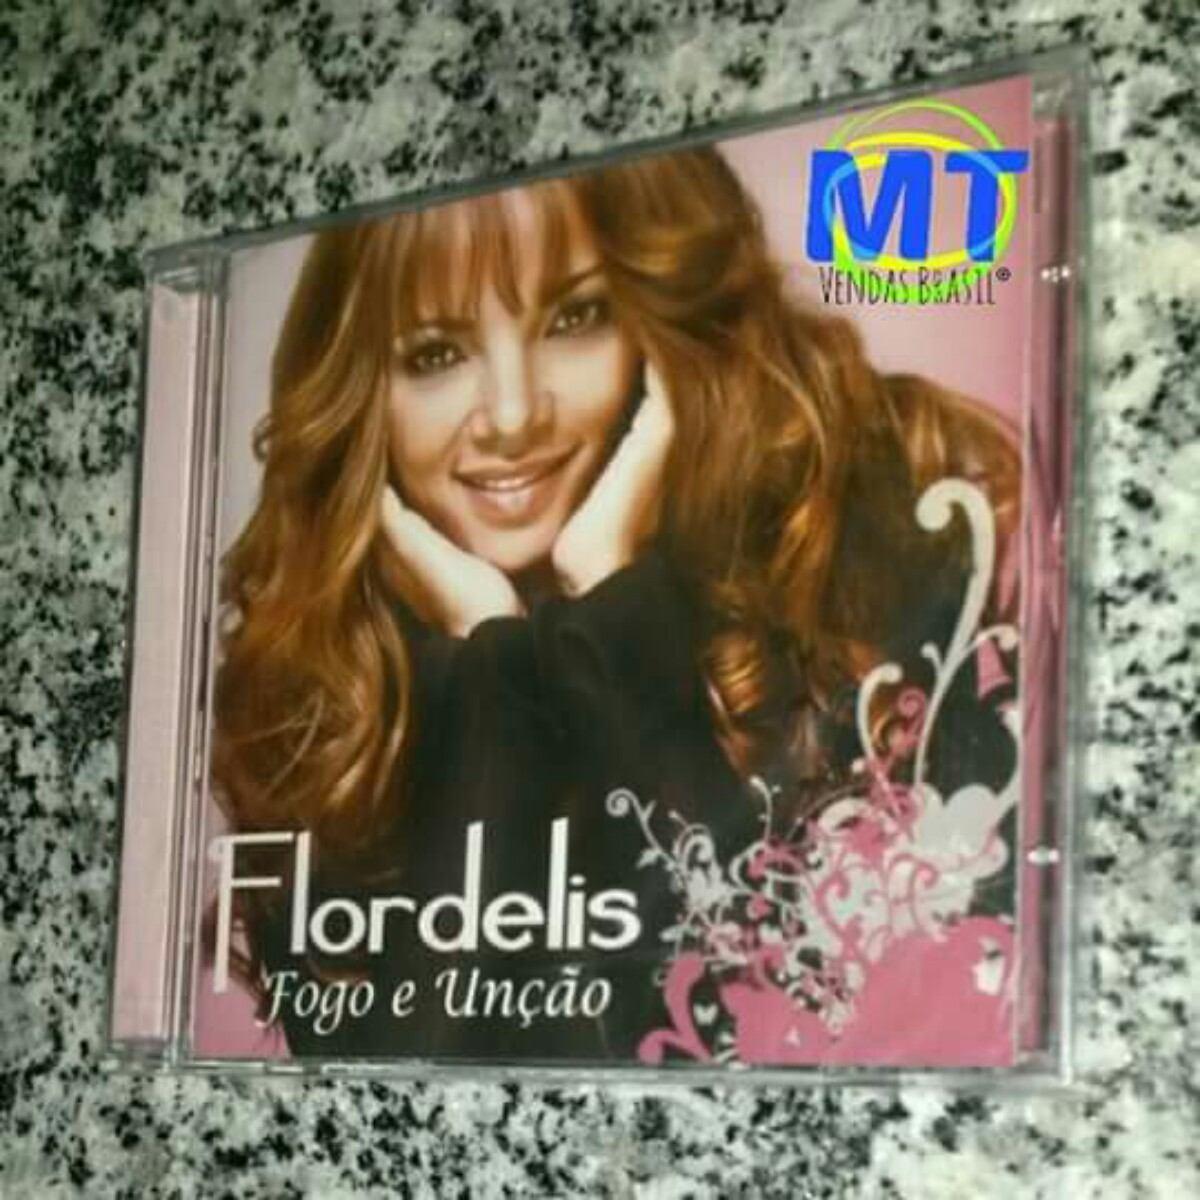 cd flordelis divisa de fogo